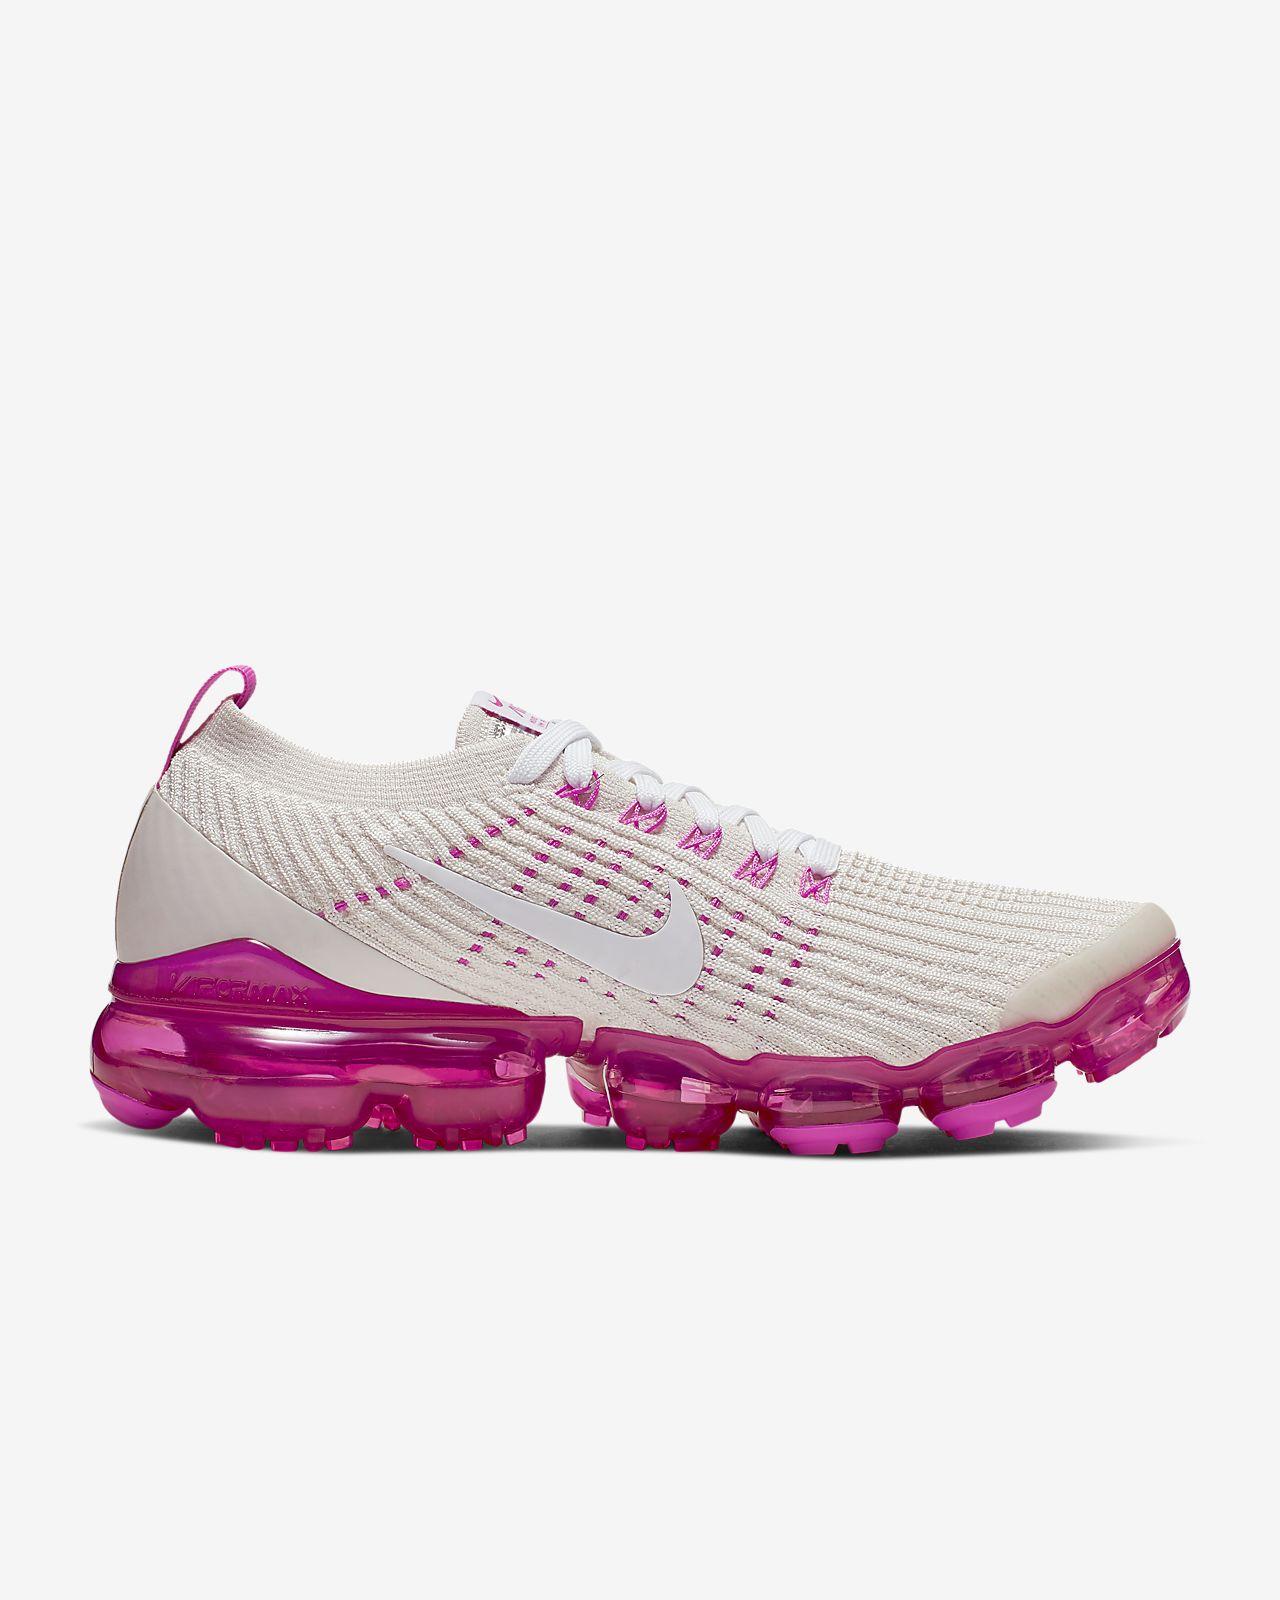 huge discount f729b 32996 ... Sko Nike Air VaporMax Flyknit 3 för kvinnor